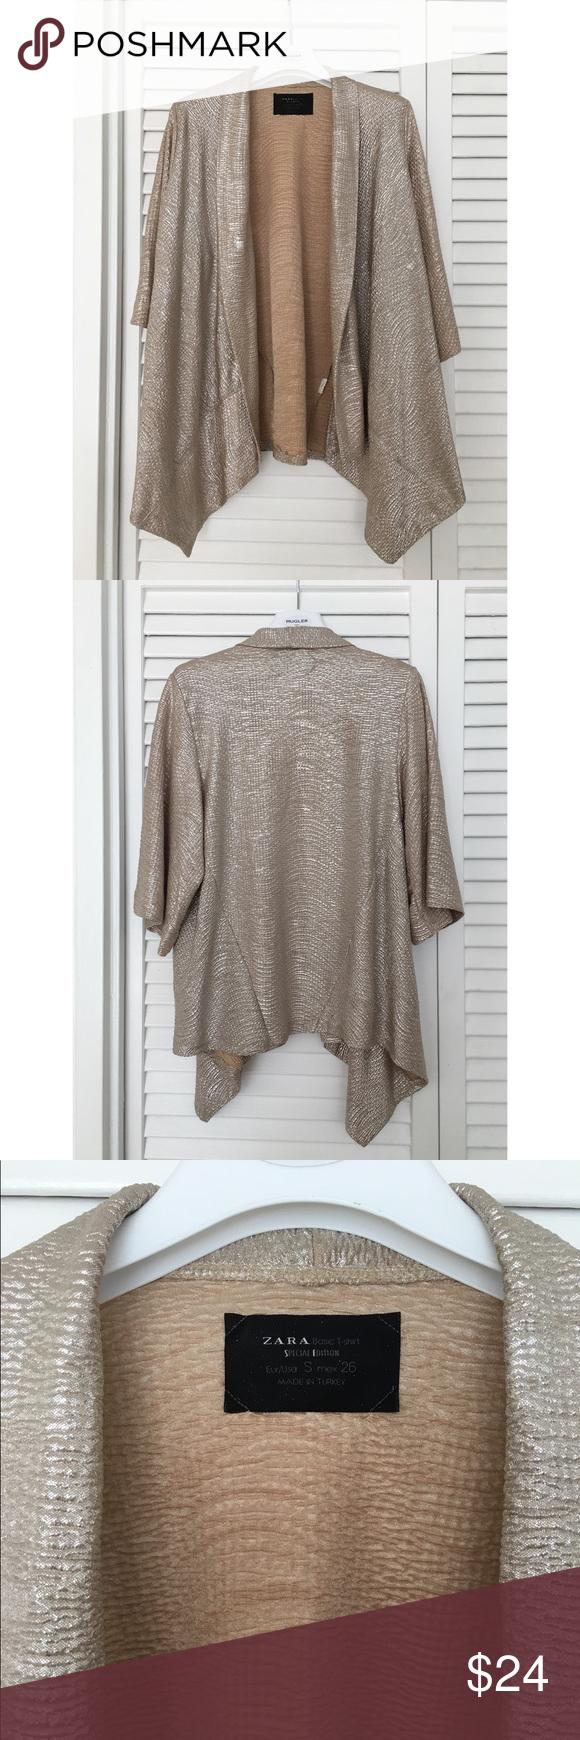 Zara Gold Shimmer Kimono | Zara tops, Zara cardigan and Holiday tops